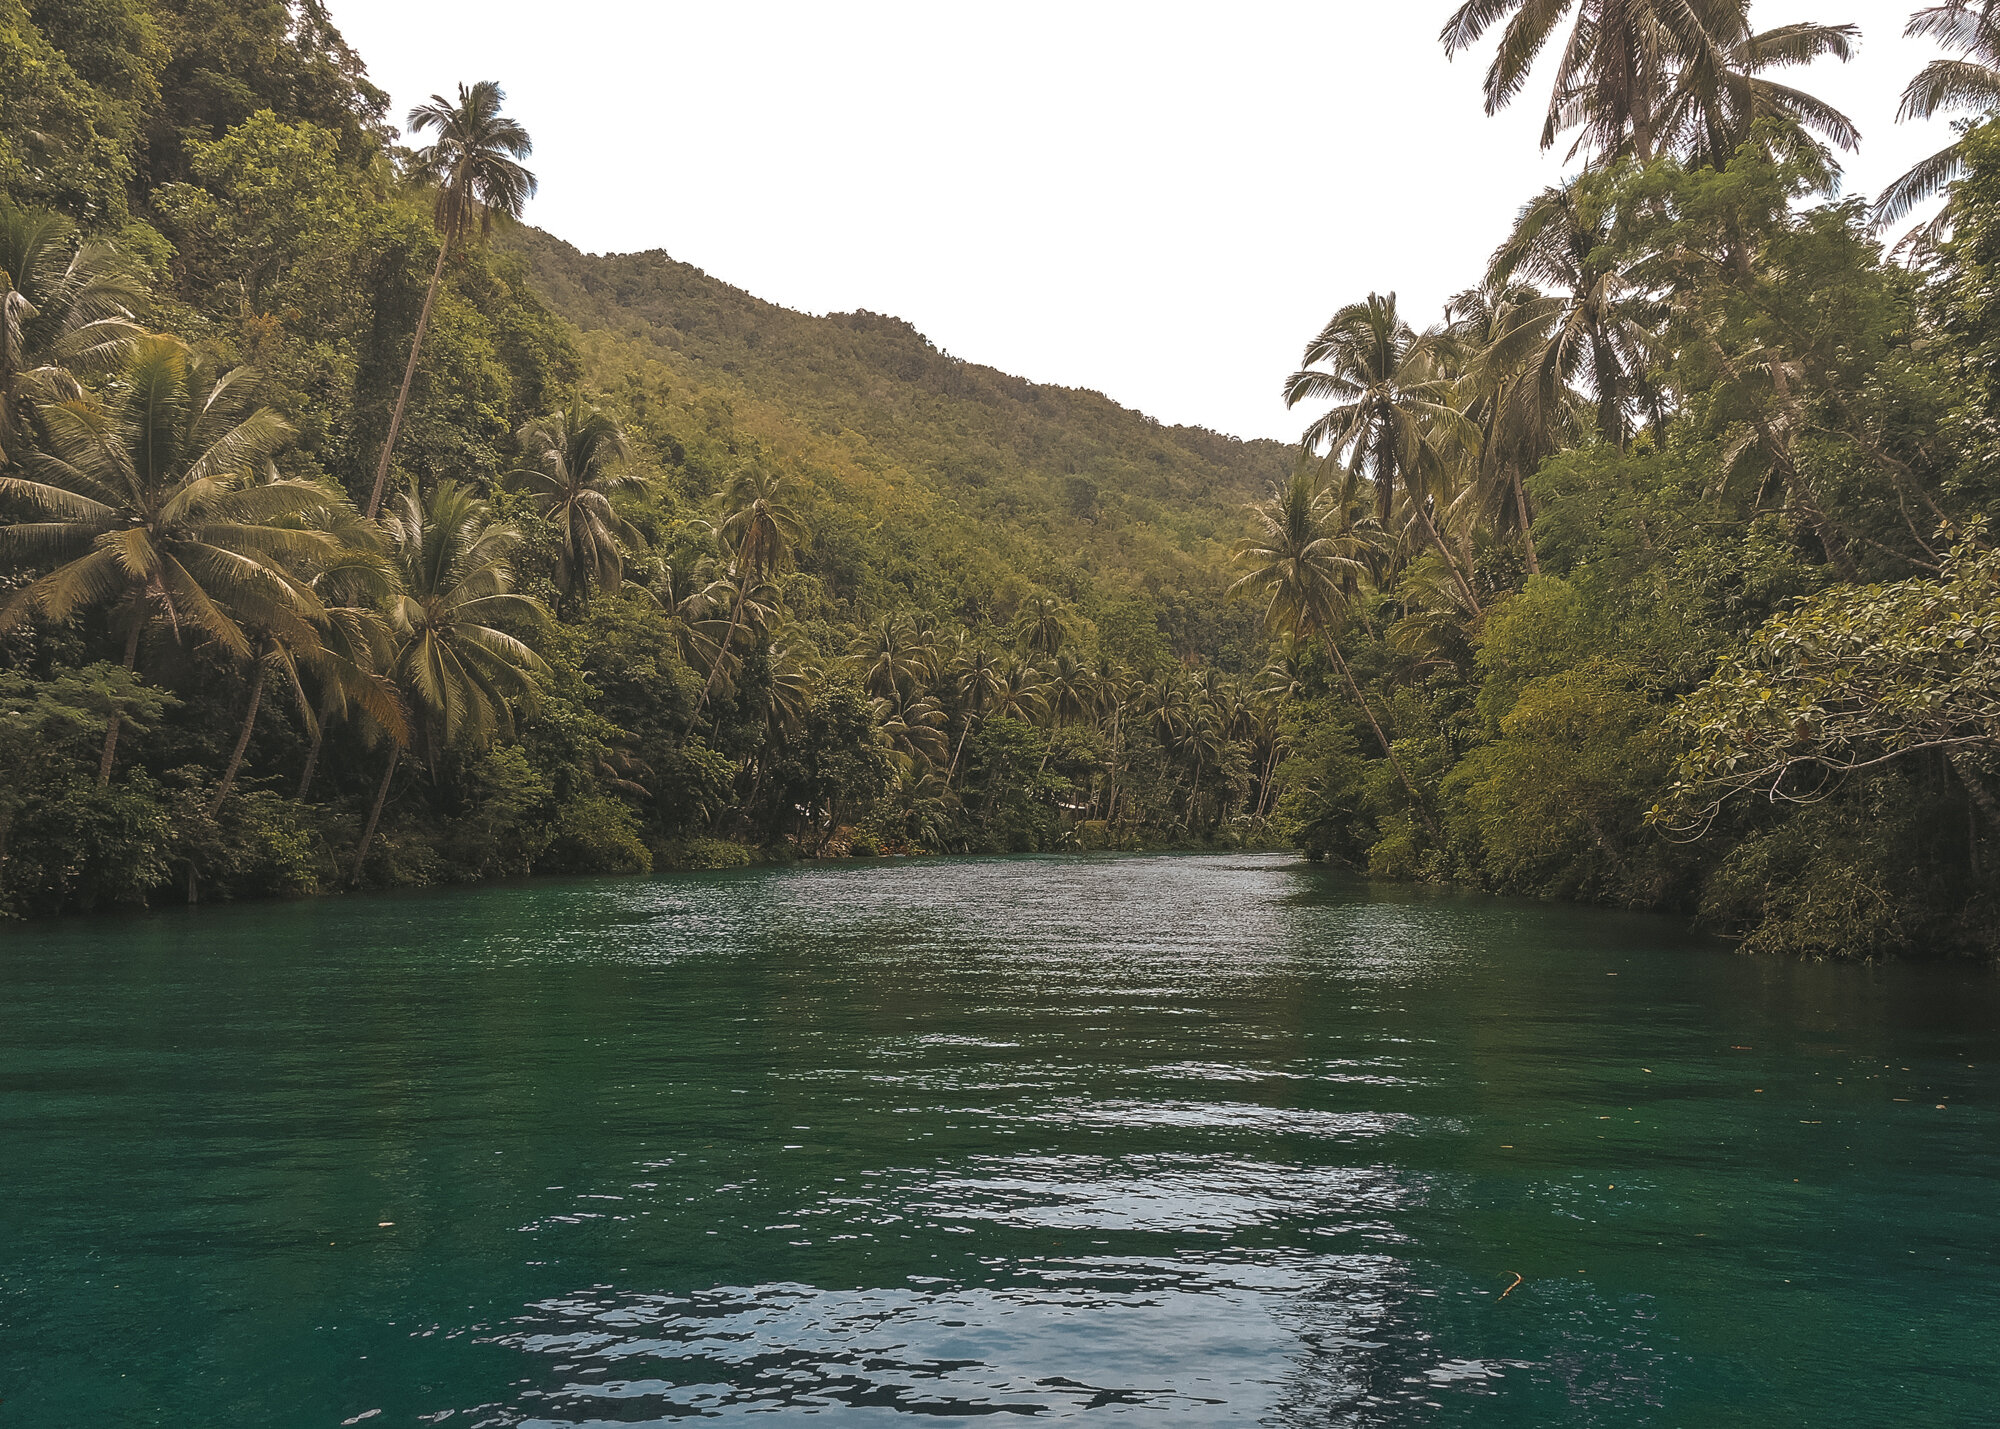 在保和岛,沿着蓝绿色的洛博克河航行,椰子树丛林排列在河边- Karen Aileen拍摄